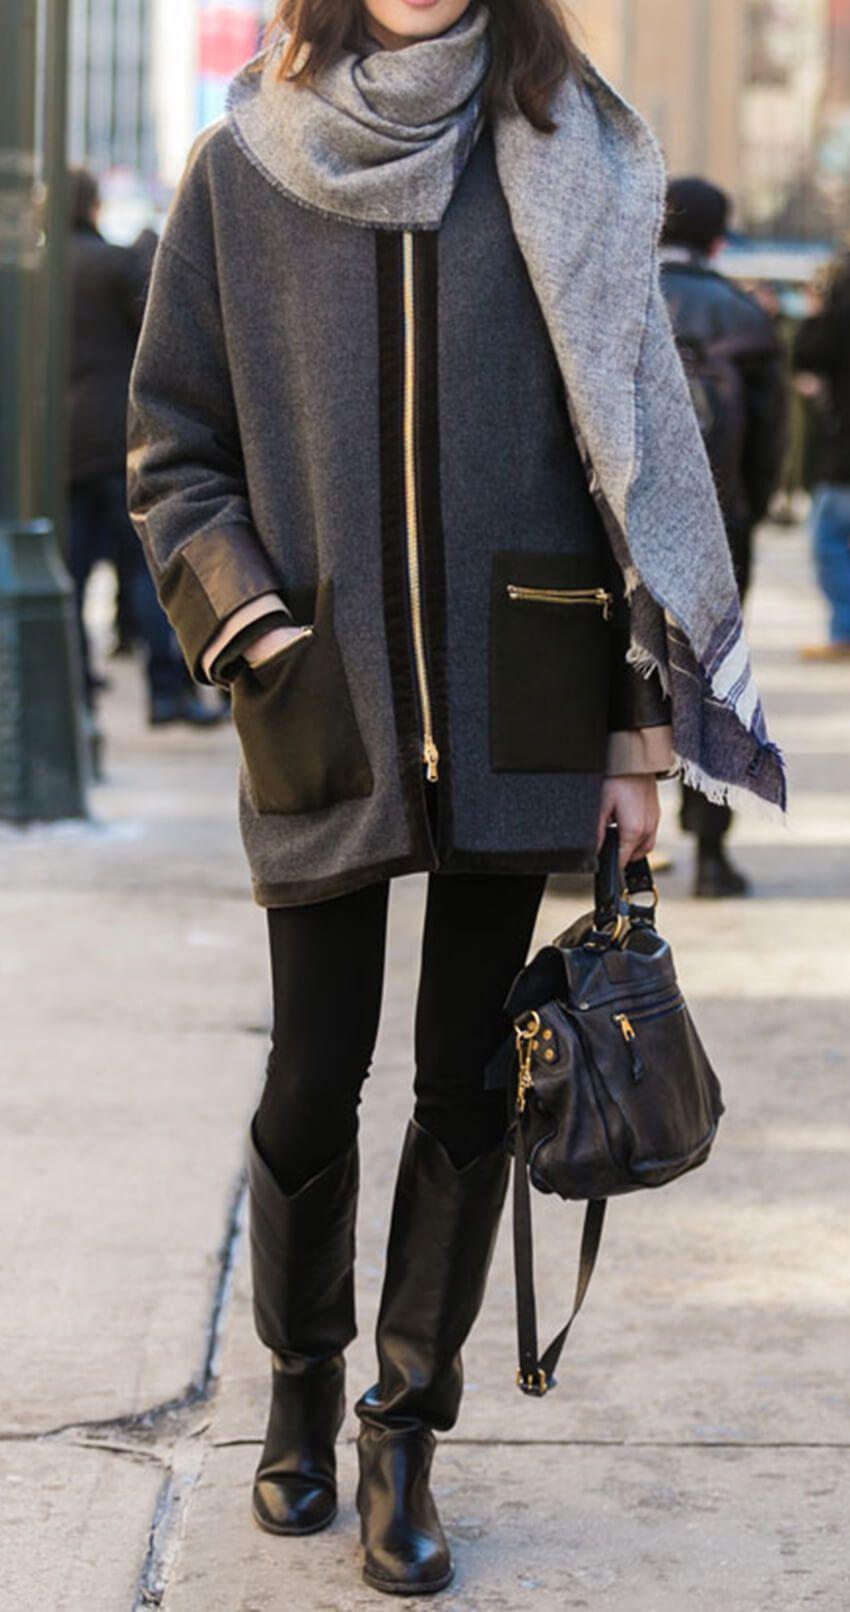 Get the Look – Chapeau Noir, Manteau Gris, Bottes Noires